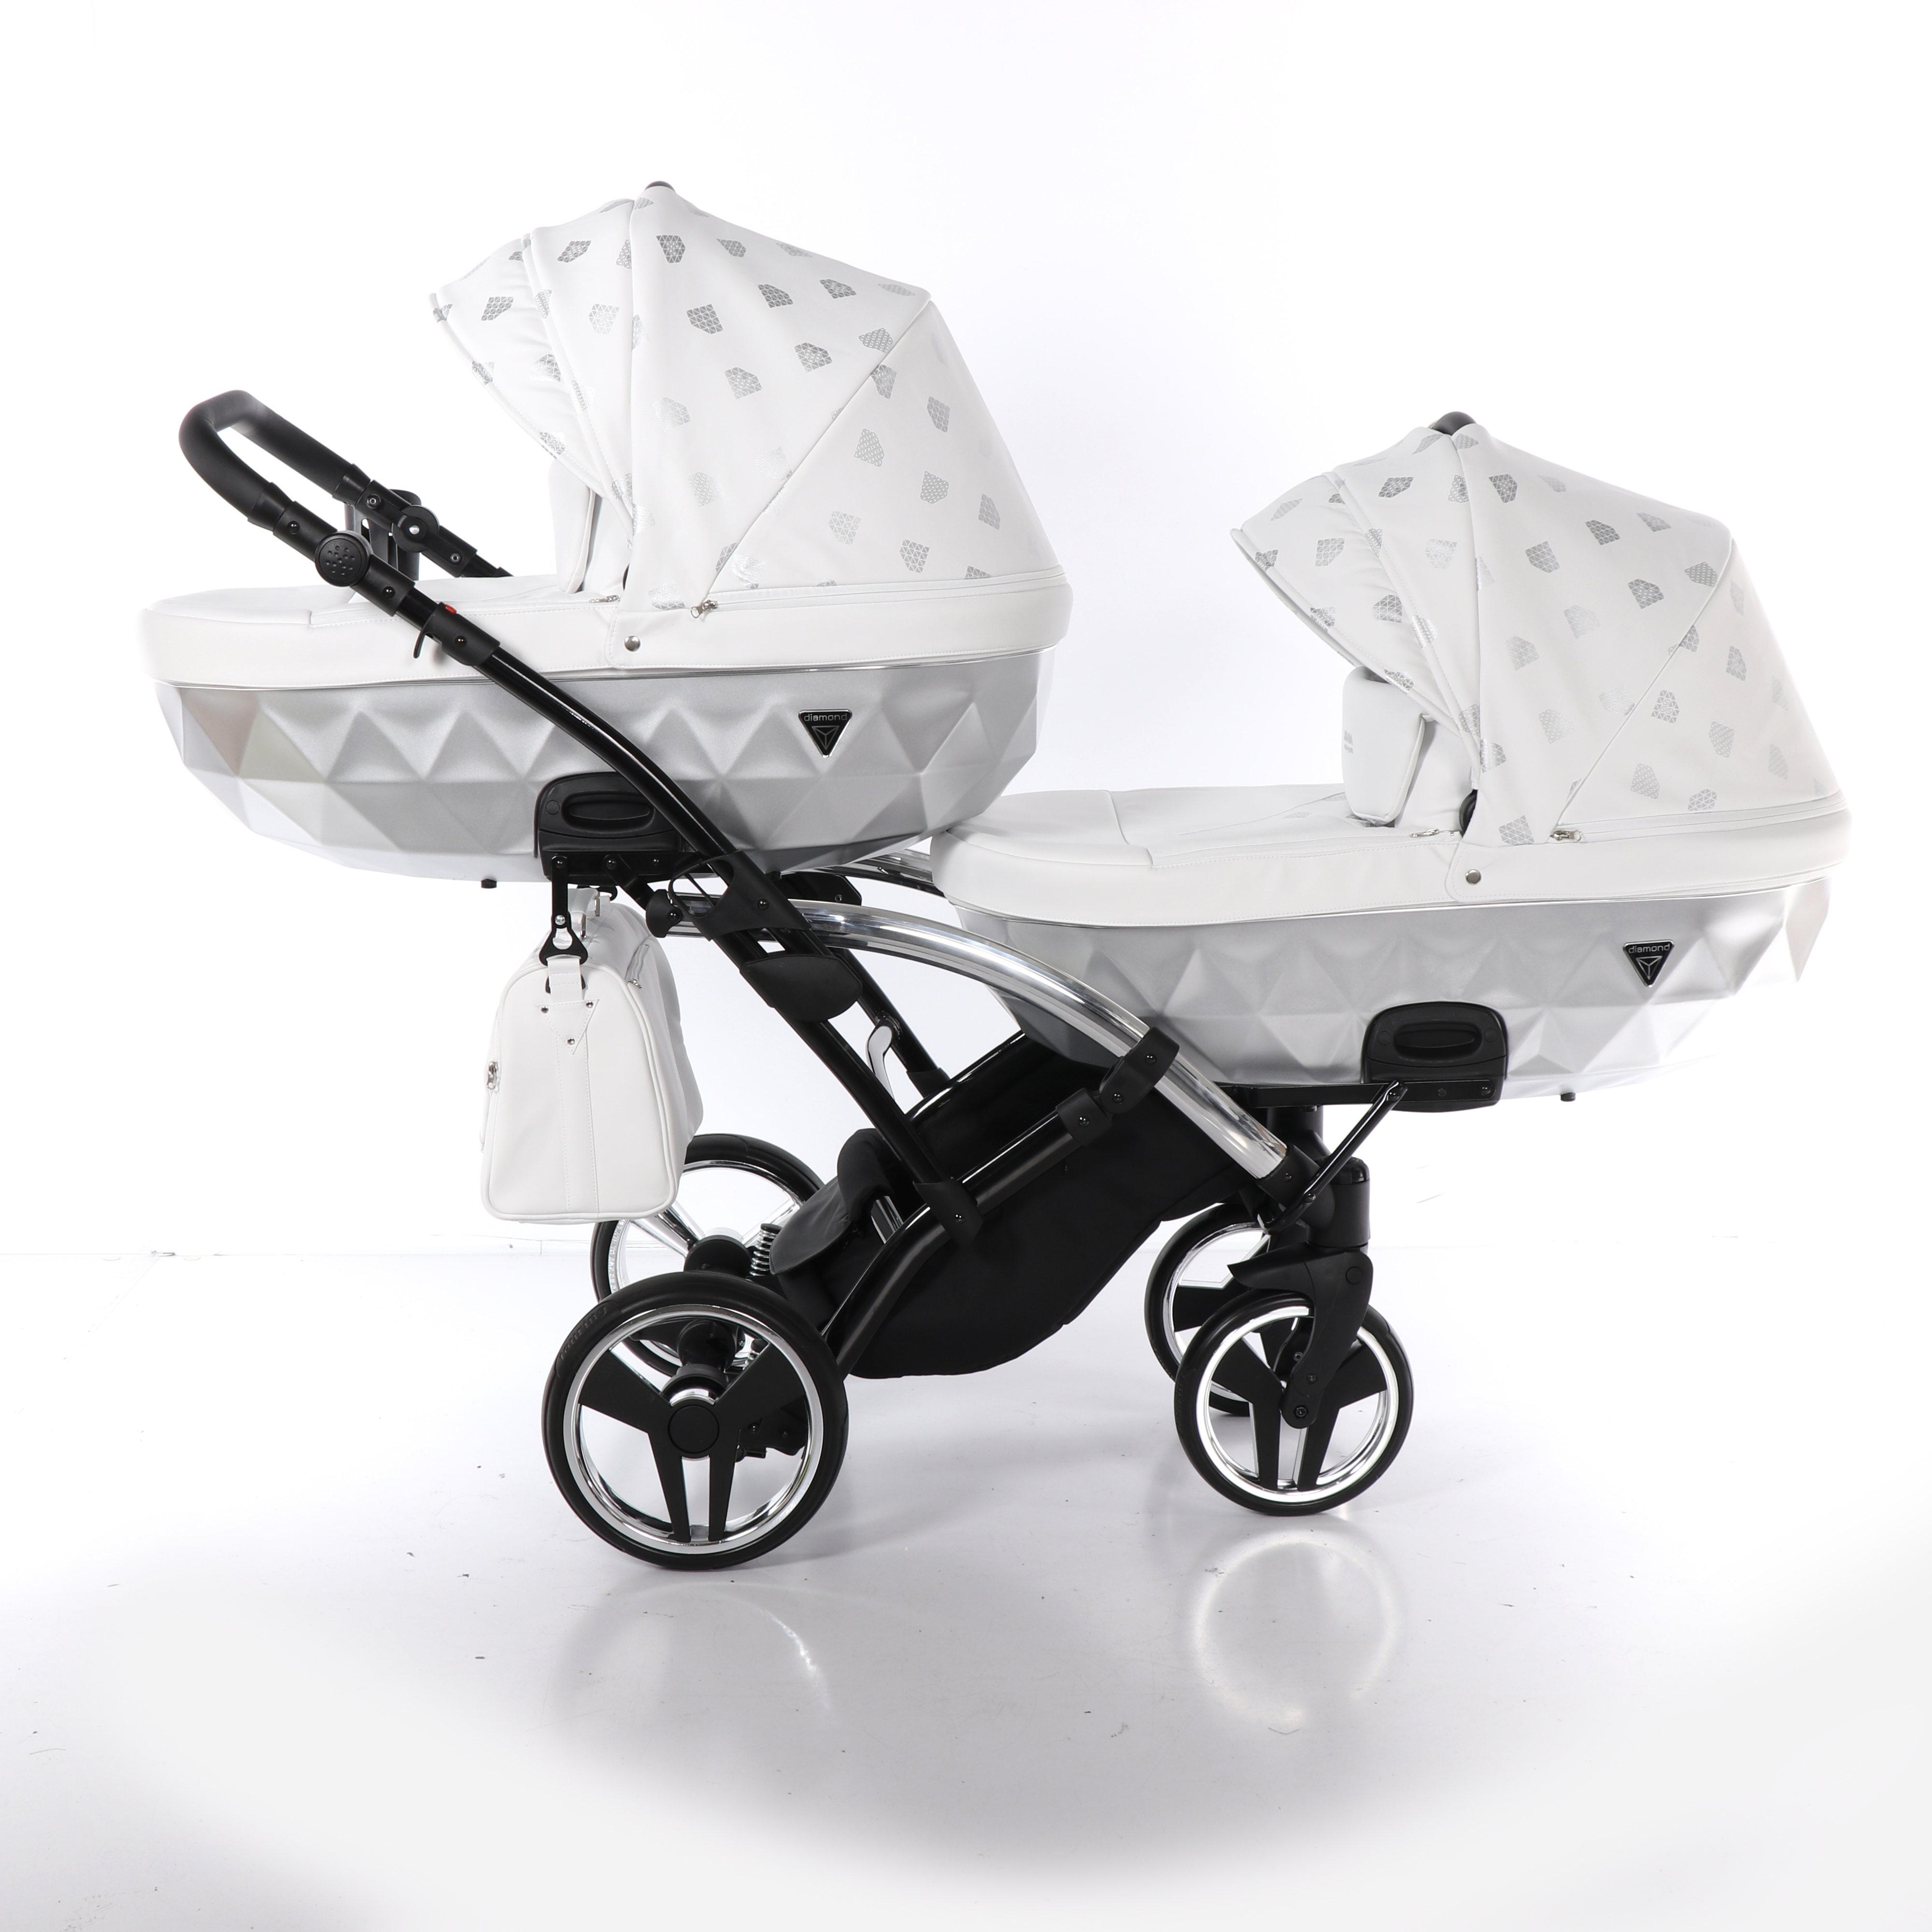 wielofunkcyjny wózek bliźniaczy Junama Glow Duo Slim srebrny